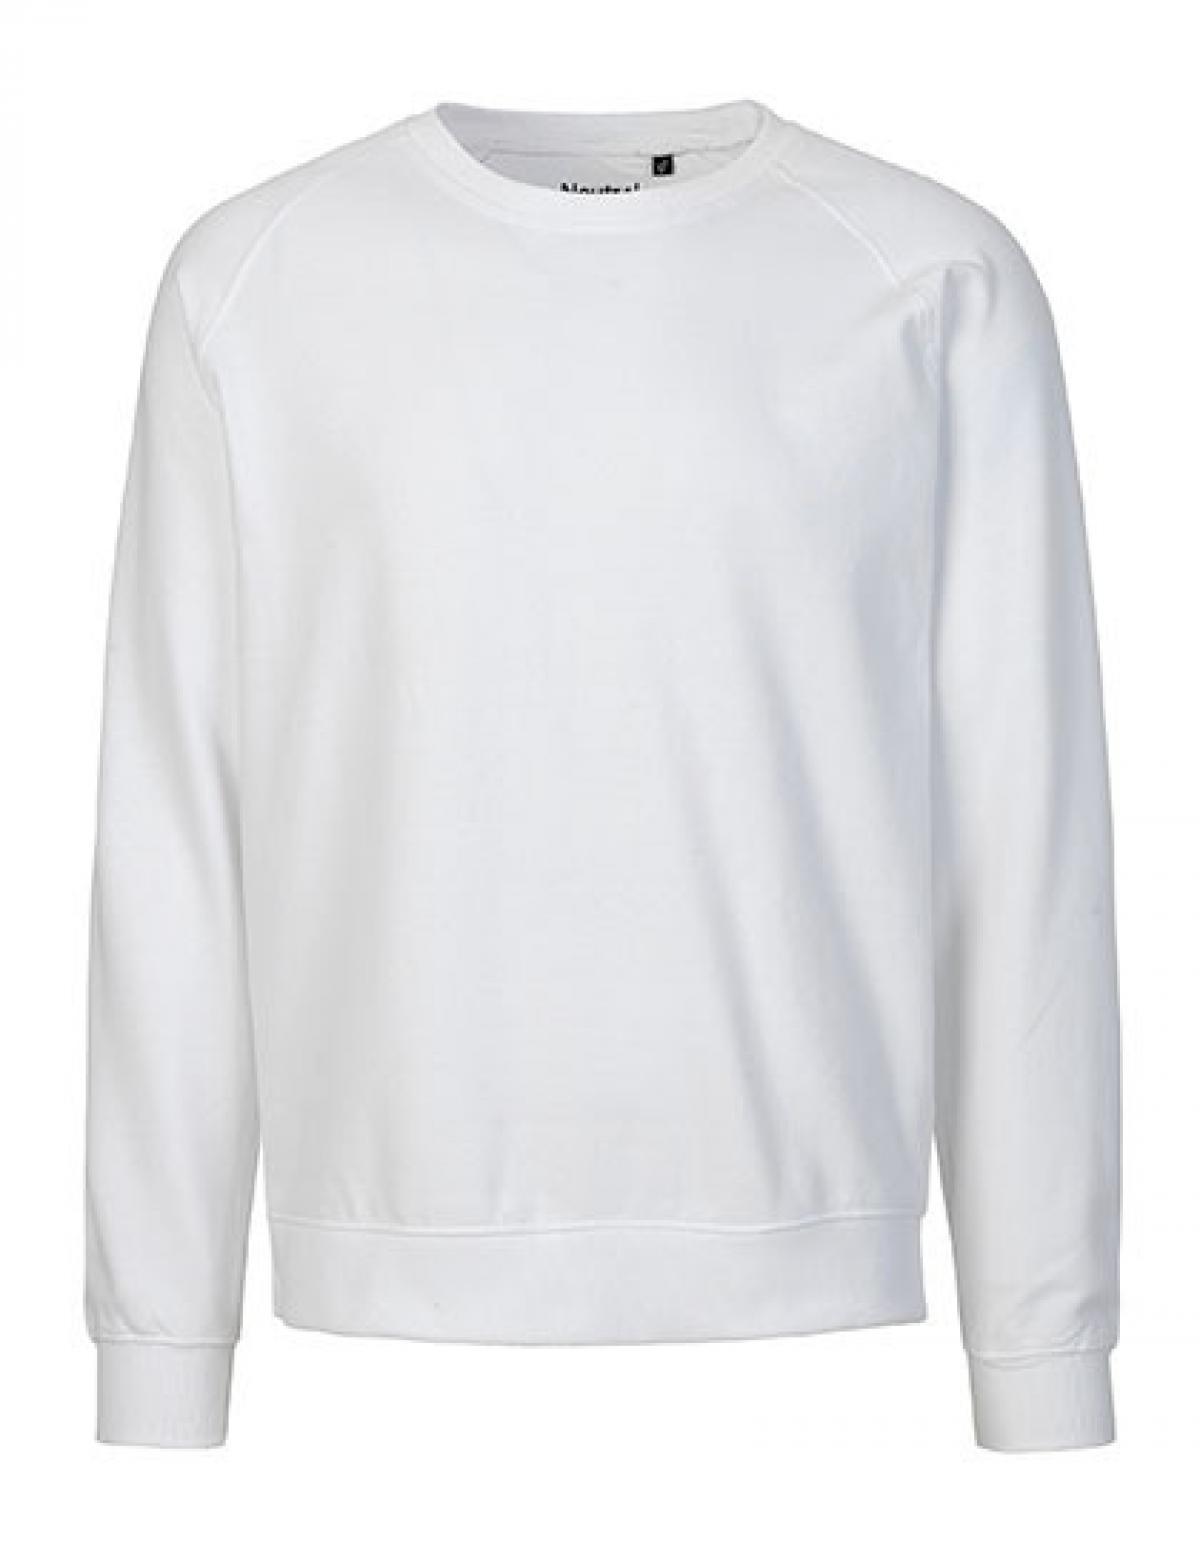 100% Spitzenqualität Repliken speziell für Schuh Damen Sweatshirt / 100% Fairtrade-Baumwolle - Rexlander´s